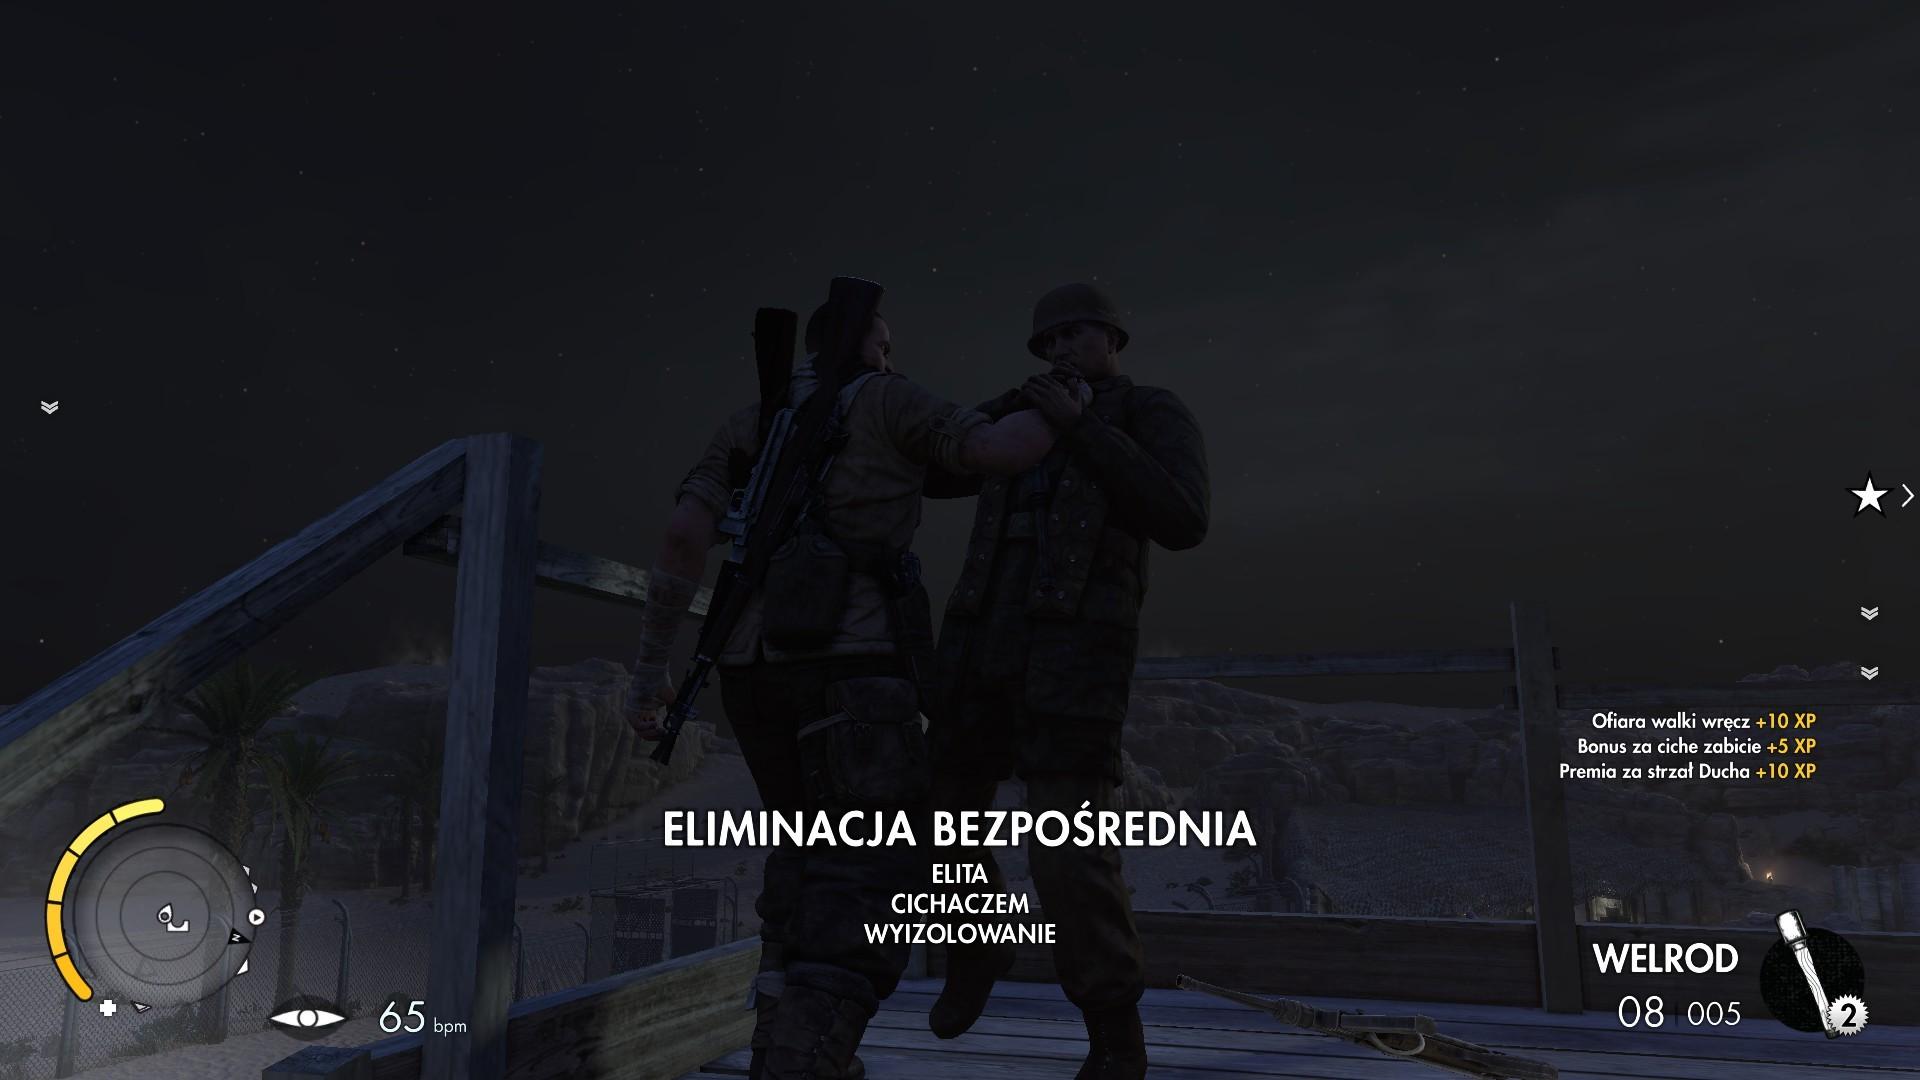 Sniper_02